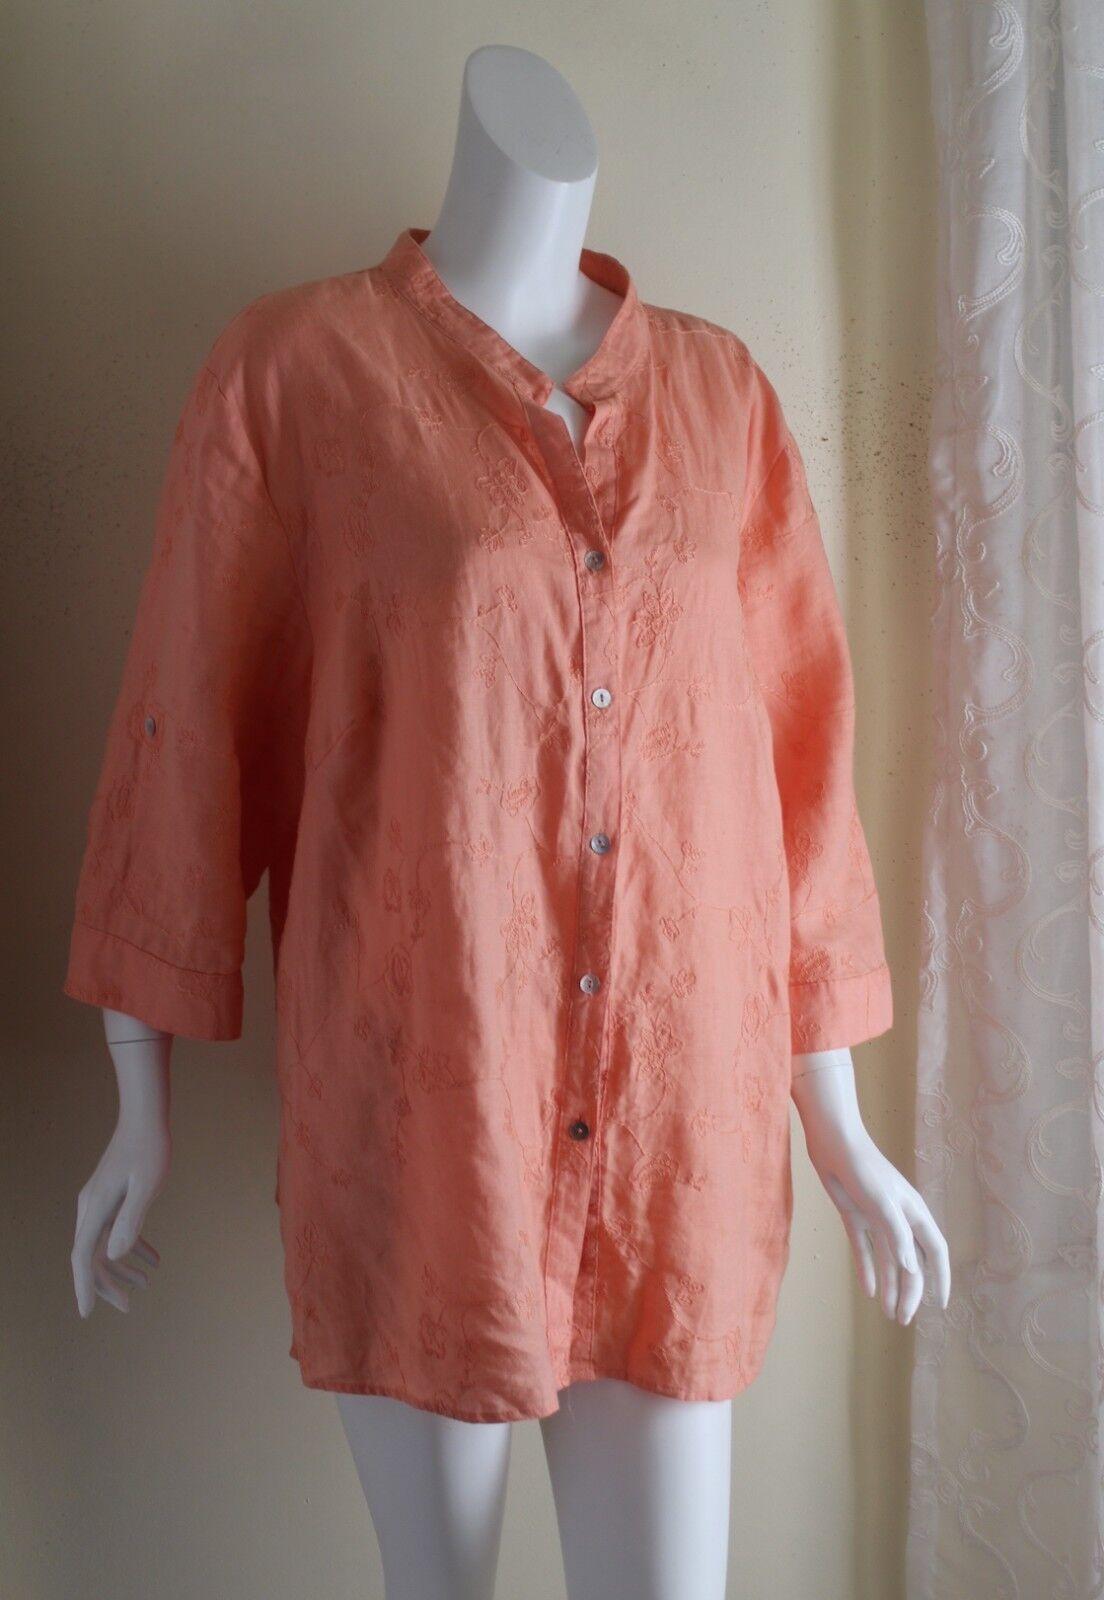 Lucy & LAUREL - 3X 2X 100% lin Peach exquis tout brodé Artsy shirt Top